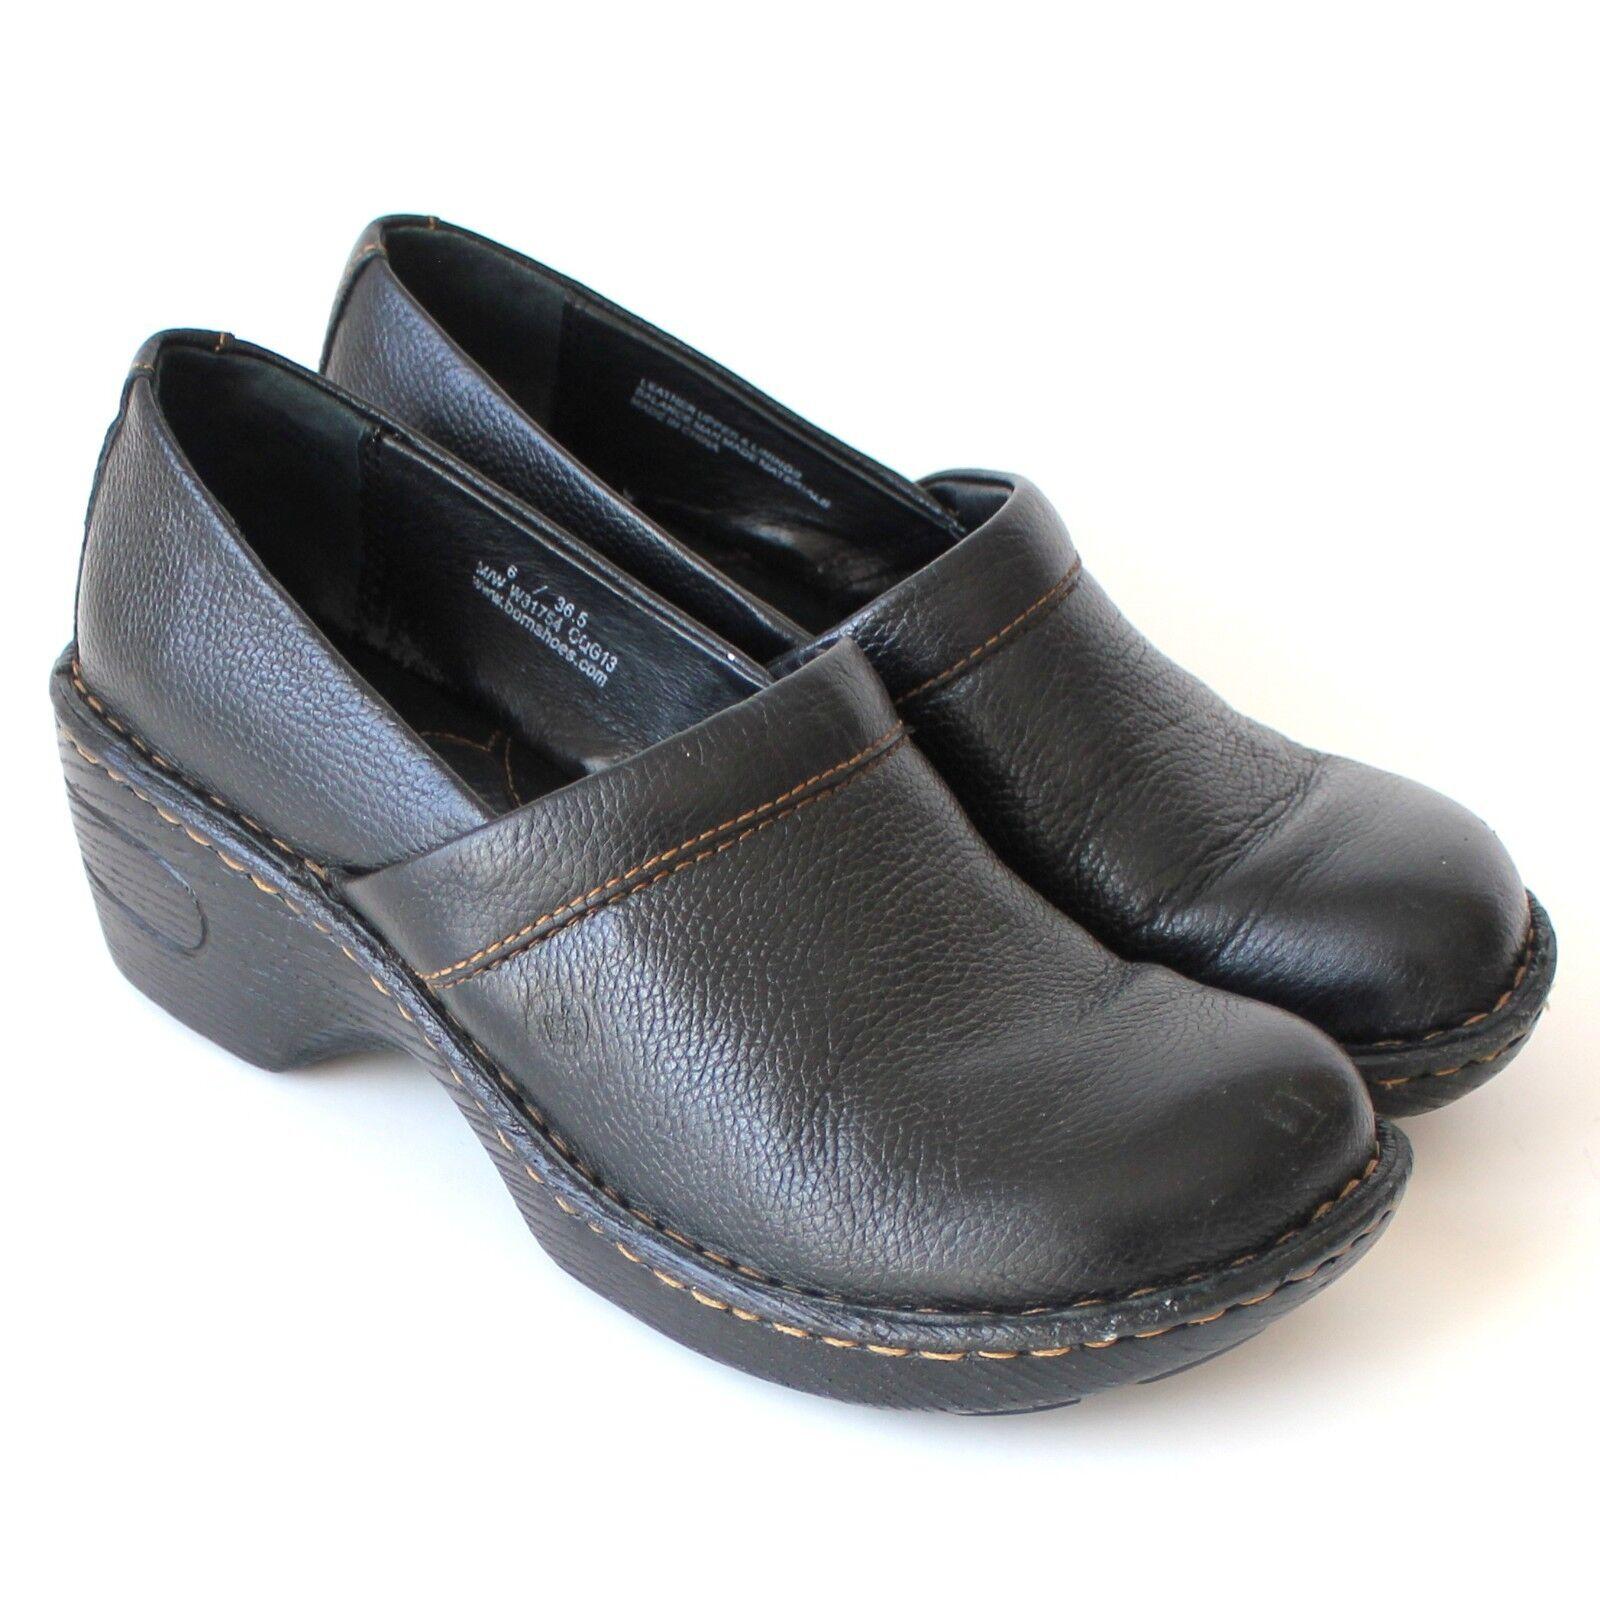 Nacido zapatos talla 6 36.5 36.5 36.5 Negro Cuero Para Mujeres Zuecos Boc con M W31754 apenas usados  increíbles descuentos